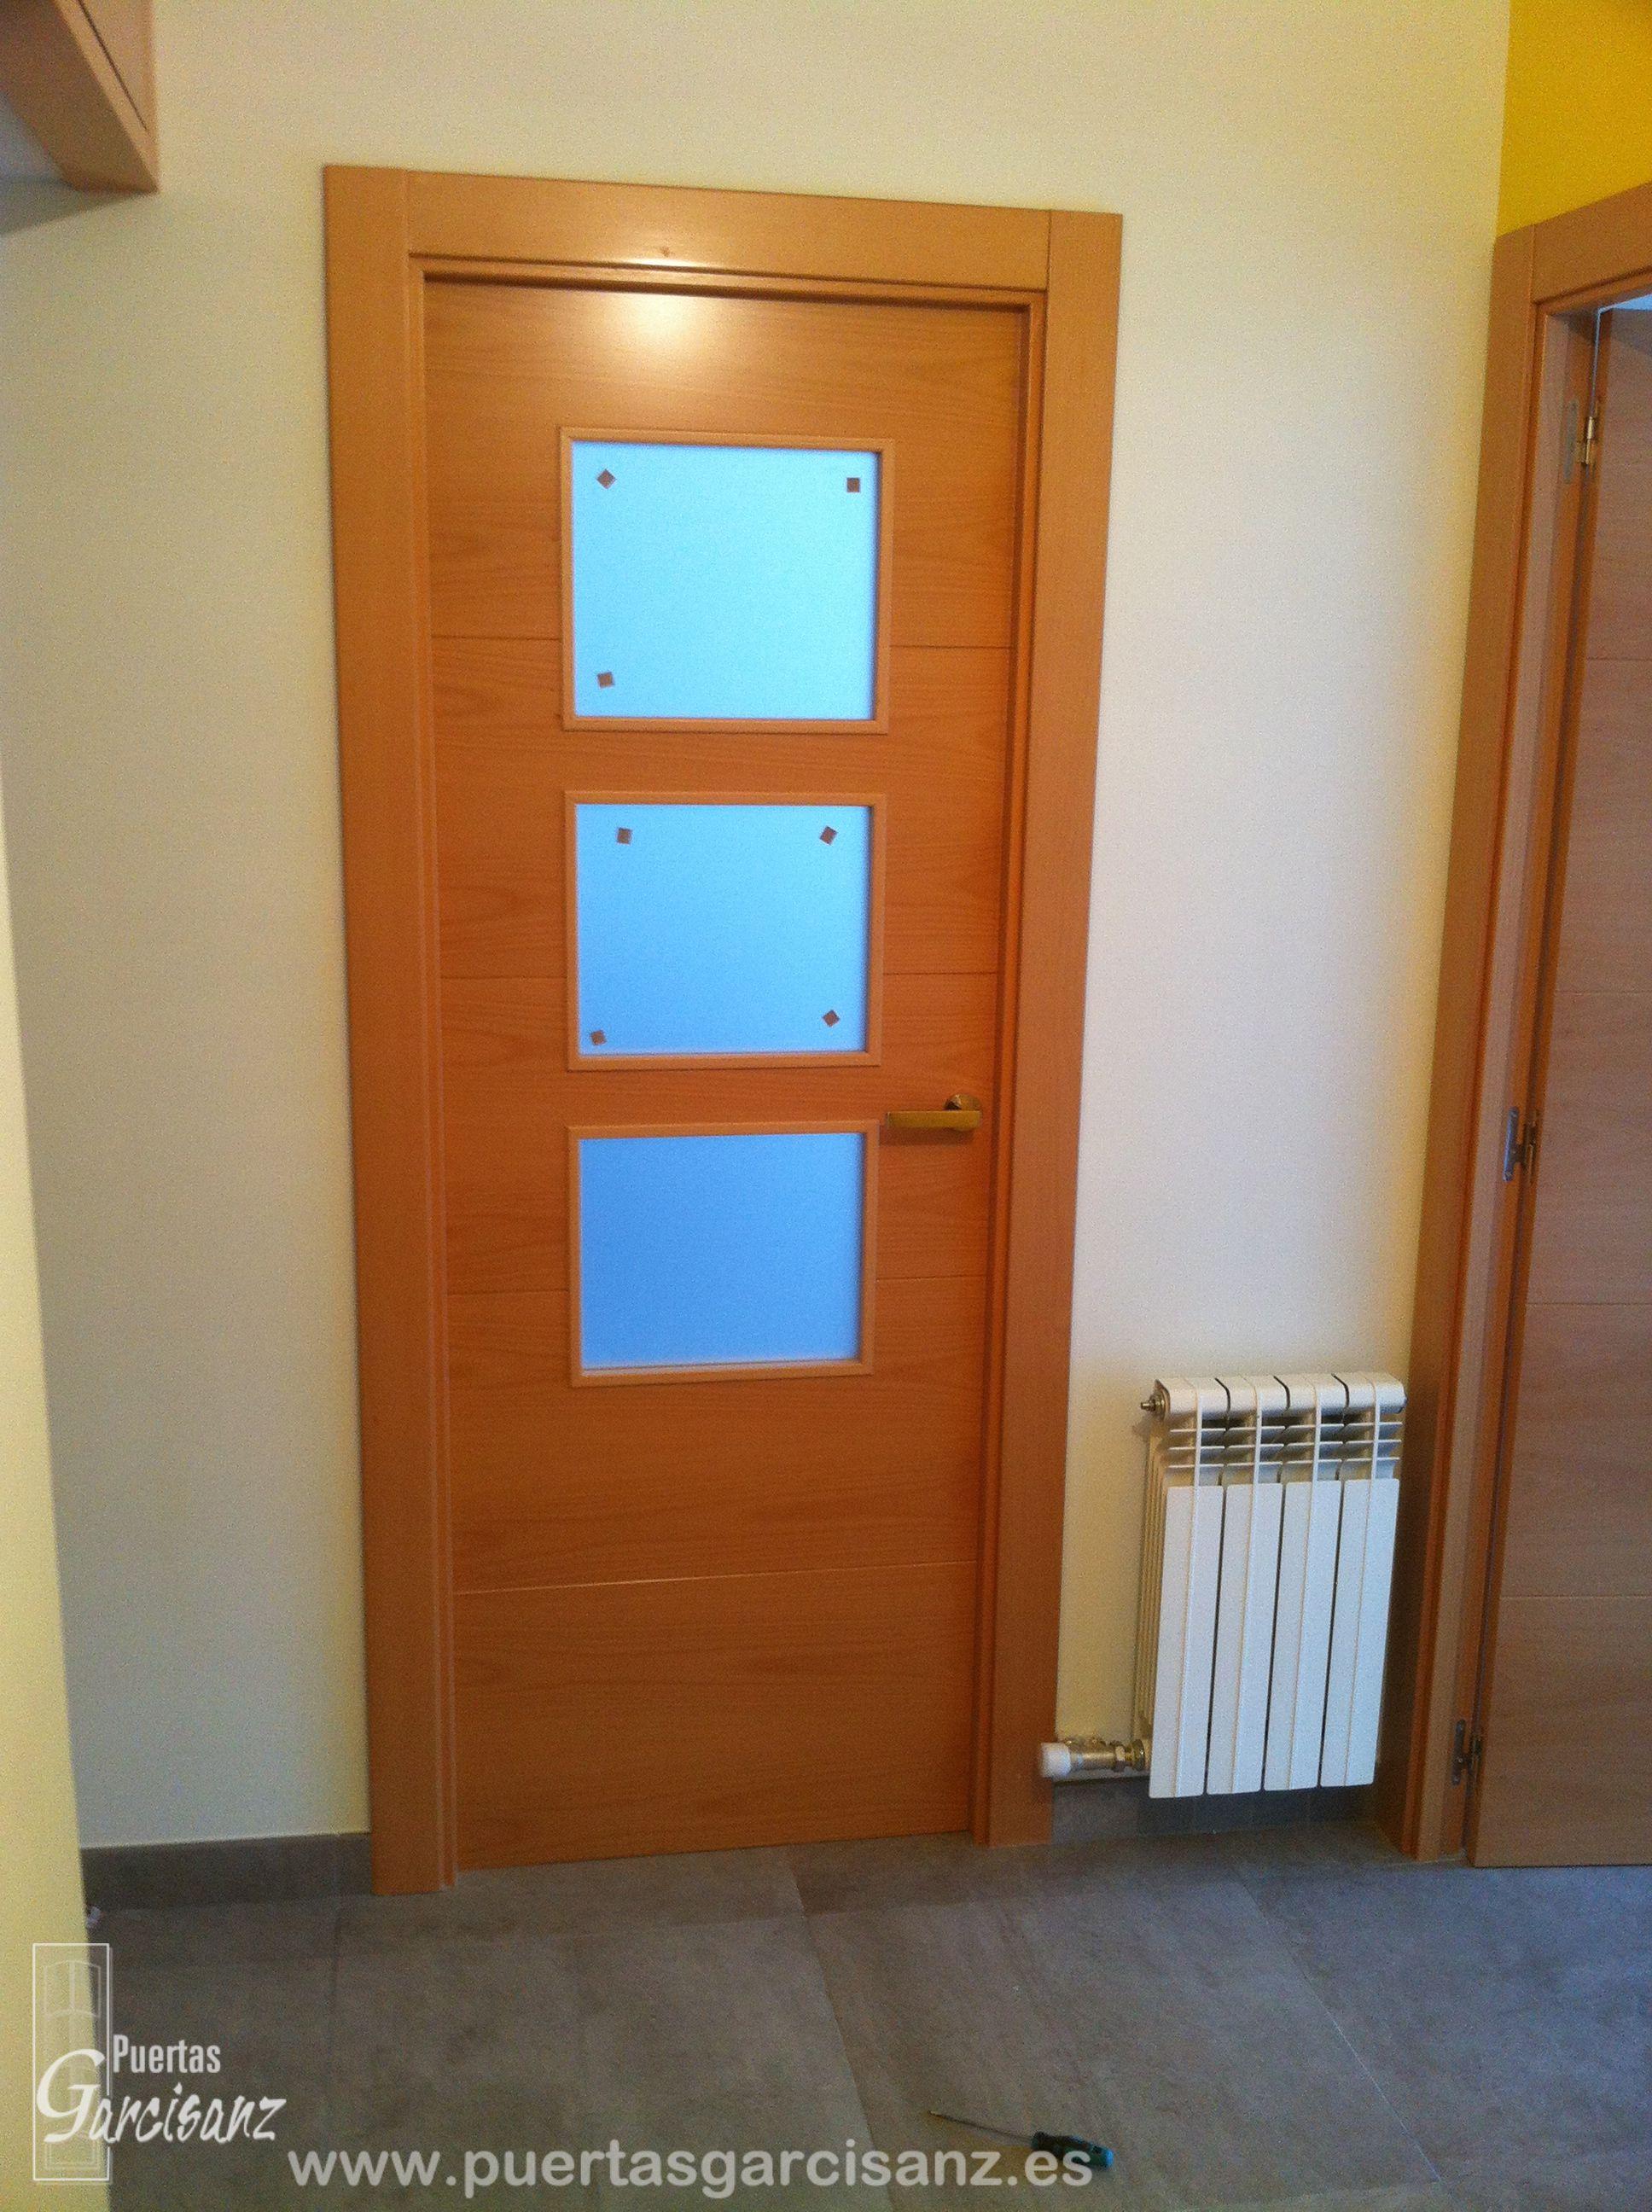 Puerta de interior vidriera de 3 vidrios en chapa de haya - Vidrieras para puertas ...